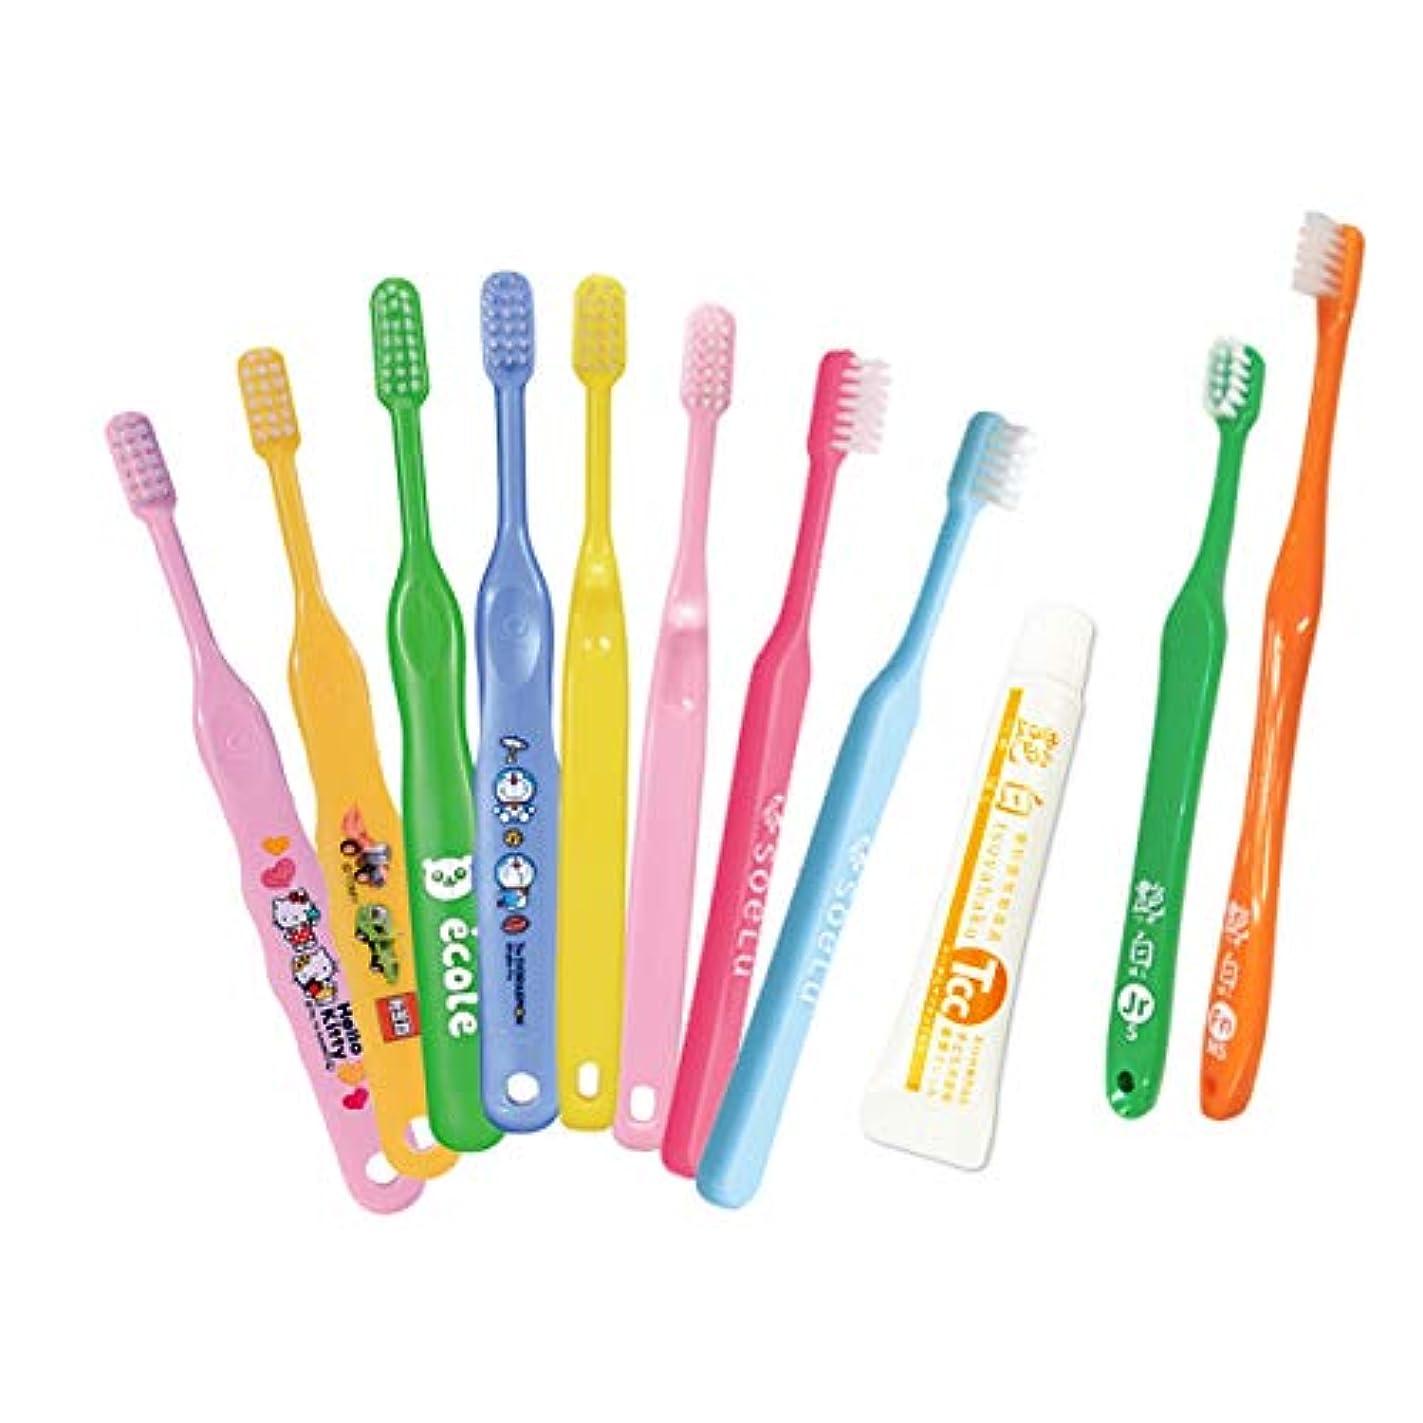 唯一安定ポインタ歯科専売品 子供用 キャラクター入り歯ブラシ 10本セット(乳幼児~小学校低学年用)+艶白(つやはく) 薬用歯磨きジェル トータルケアチャイルド Tcc 5g×1本